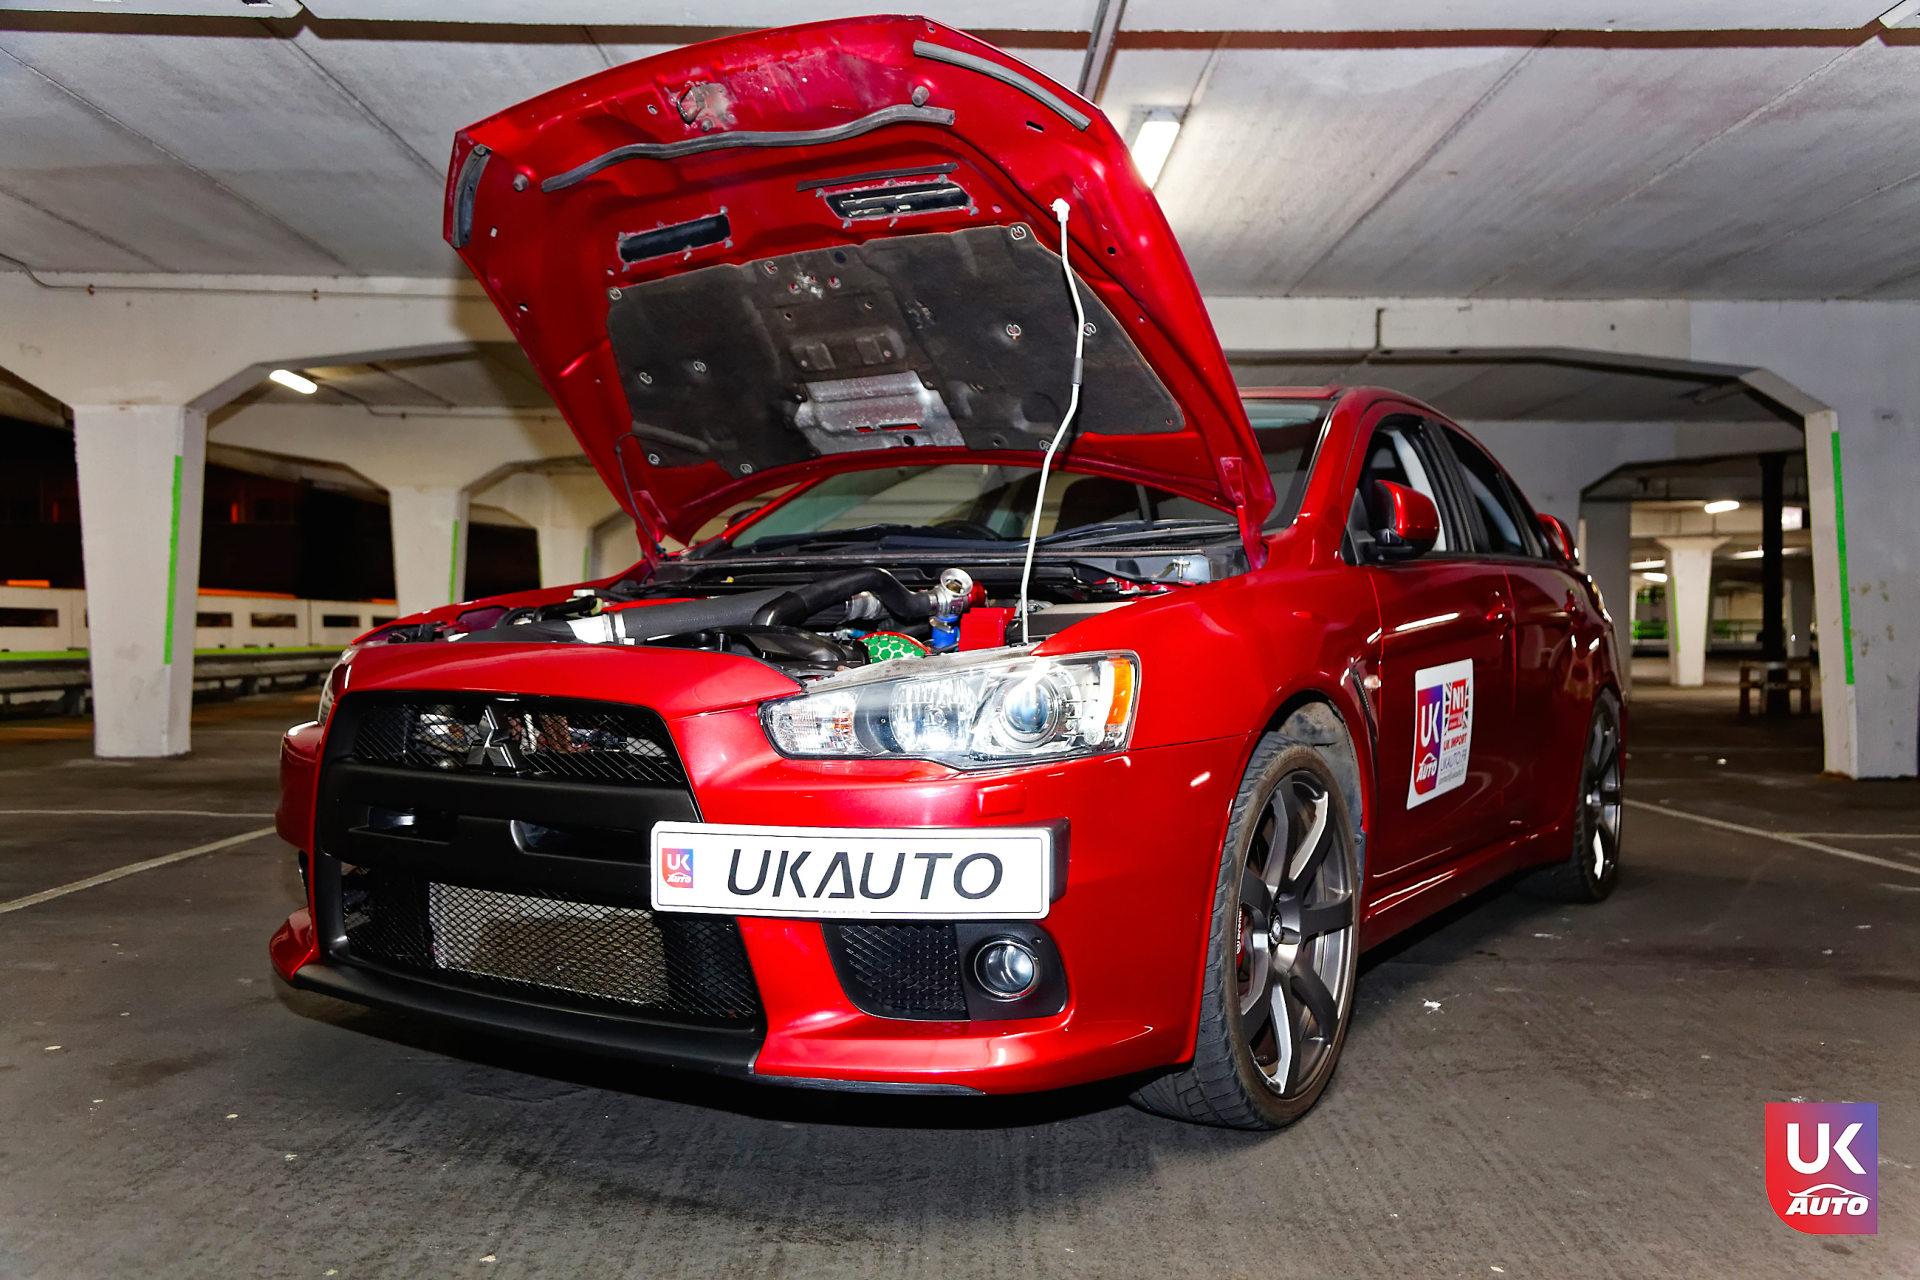 Mitsubishi Lancer evolution x GSR FQ 300 evo uk import voiture occasion12 DxO - Import Mitsubishi angleterre Lancer evolution x GSR FQ 300 Mitsubishi Import voiture Angleterre Autoscout angleterre